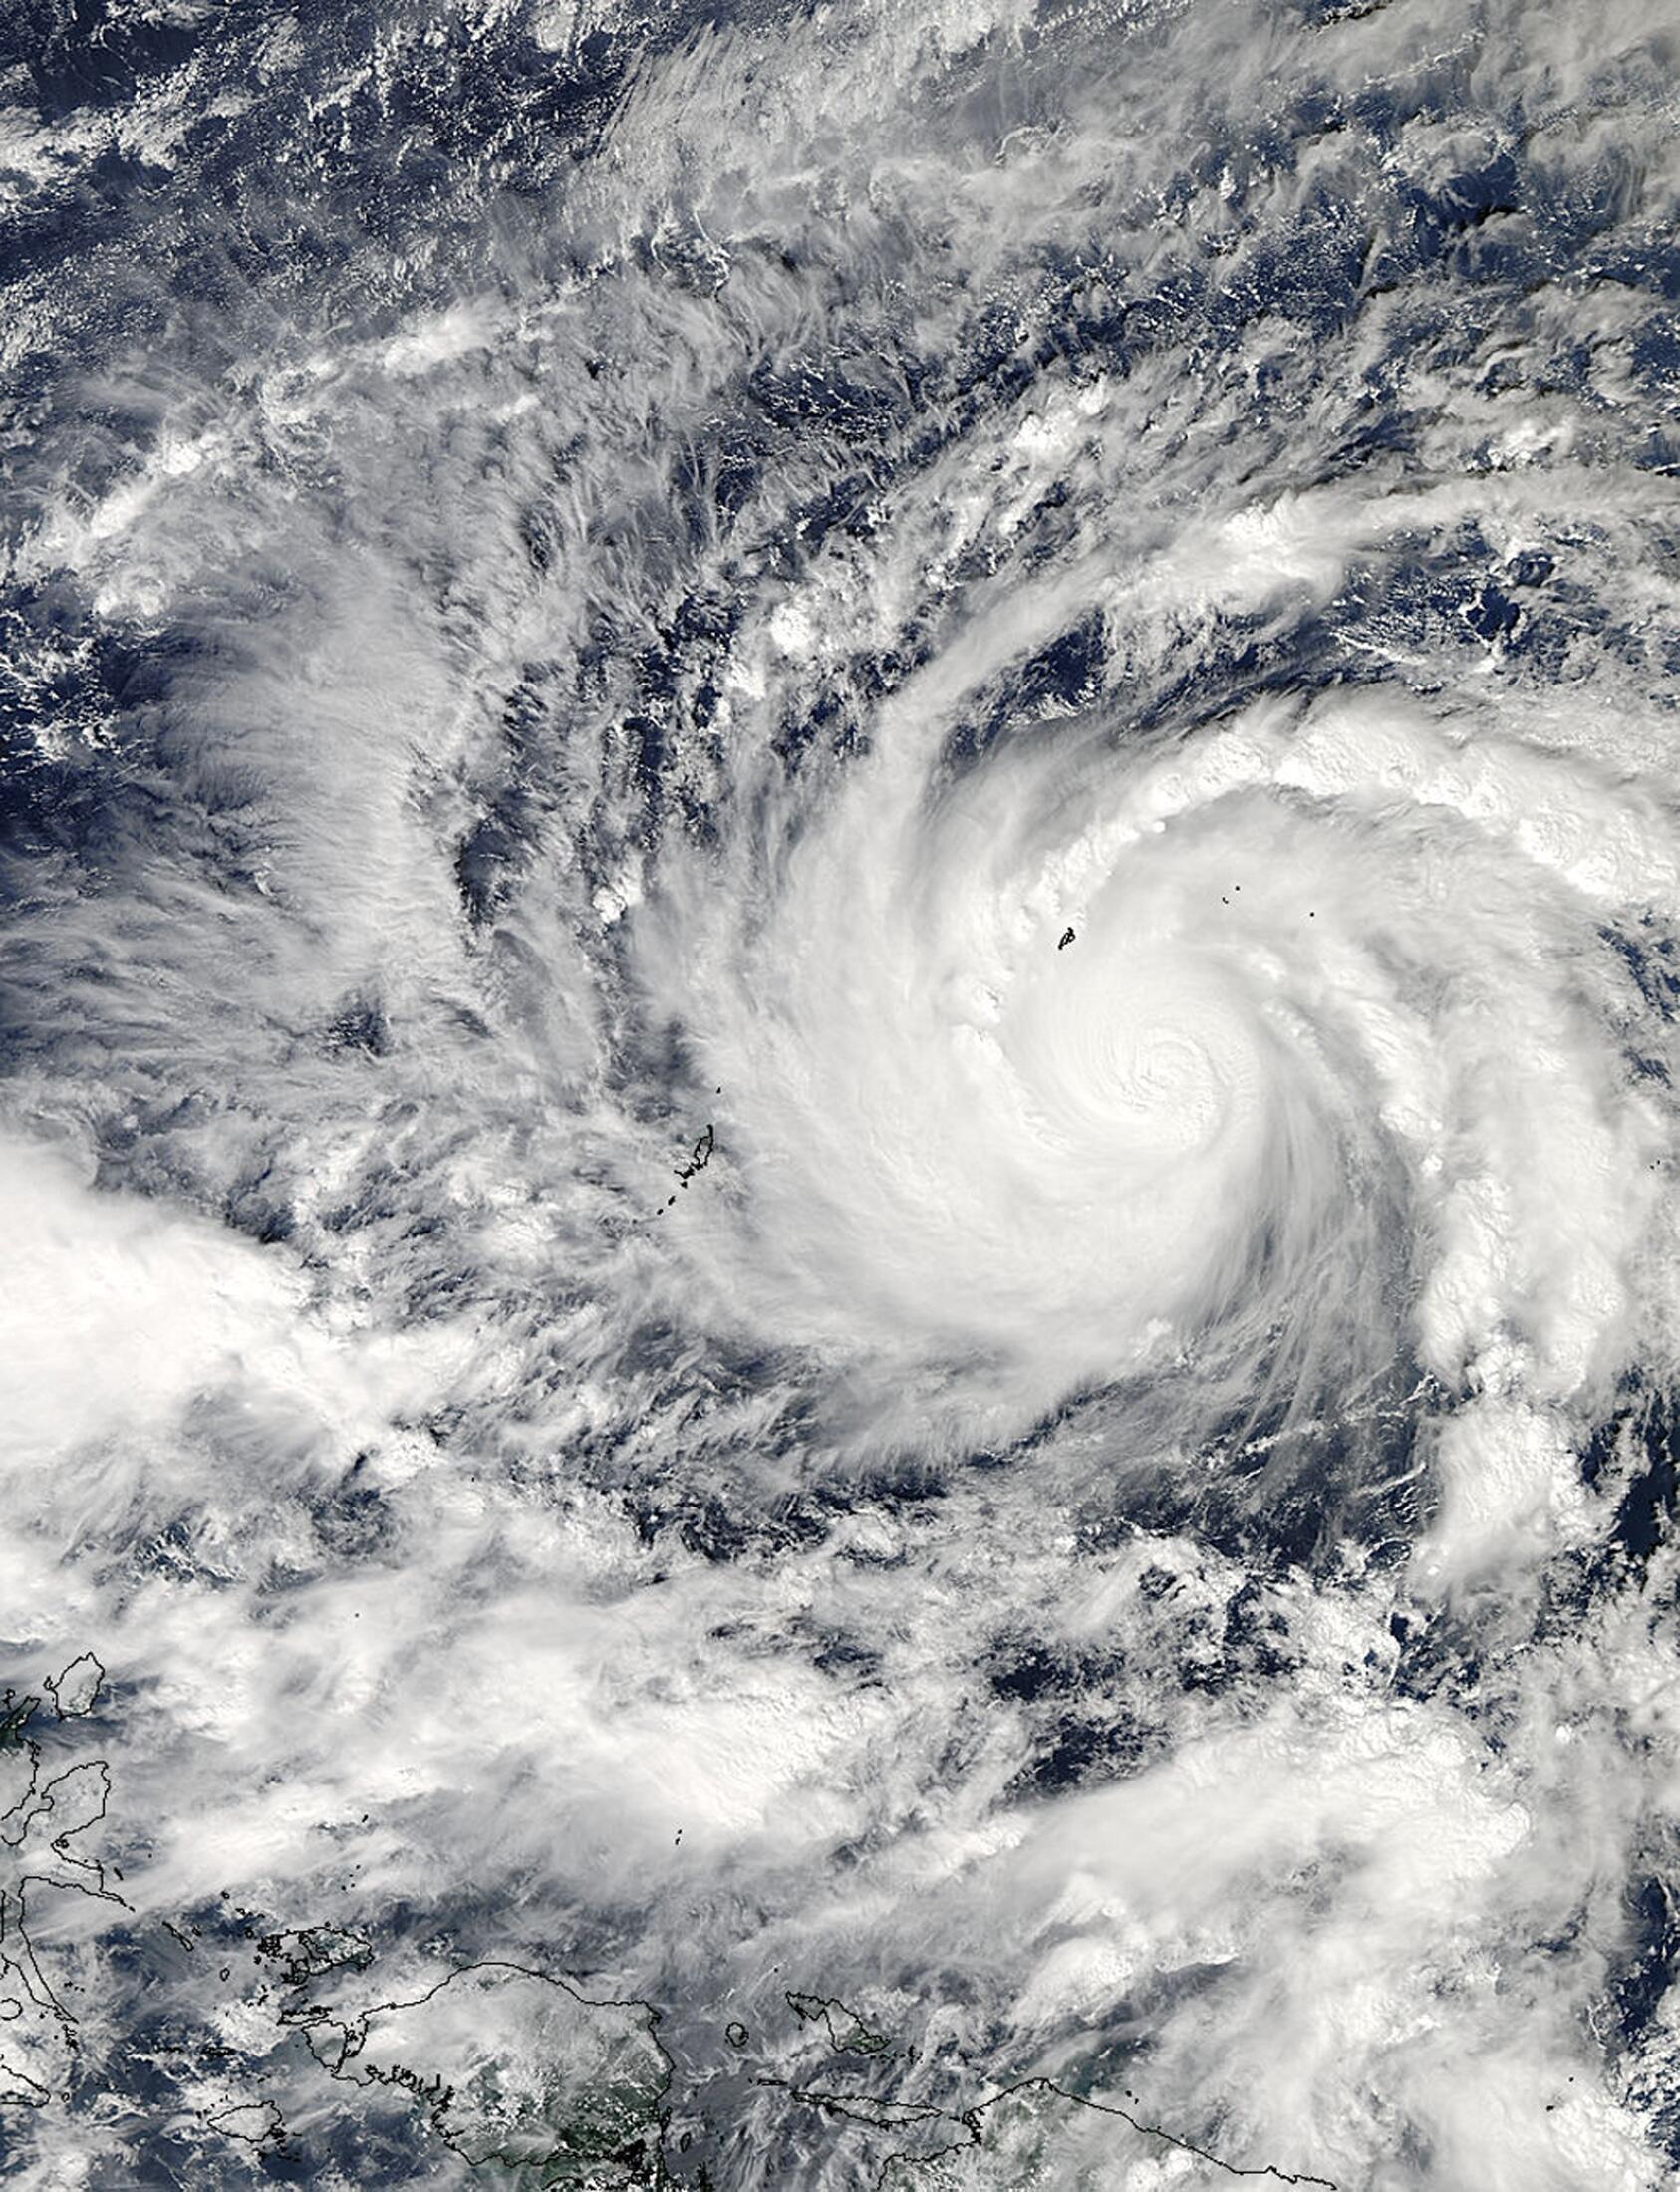 Imagem de satélite da Nasa mostra o tufão Hagupit que atingiu o leste das Filipinas neste sábado (6).